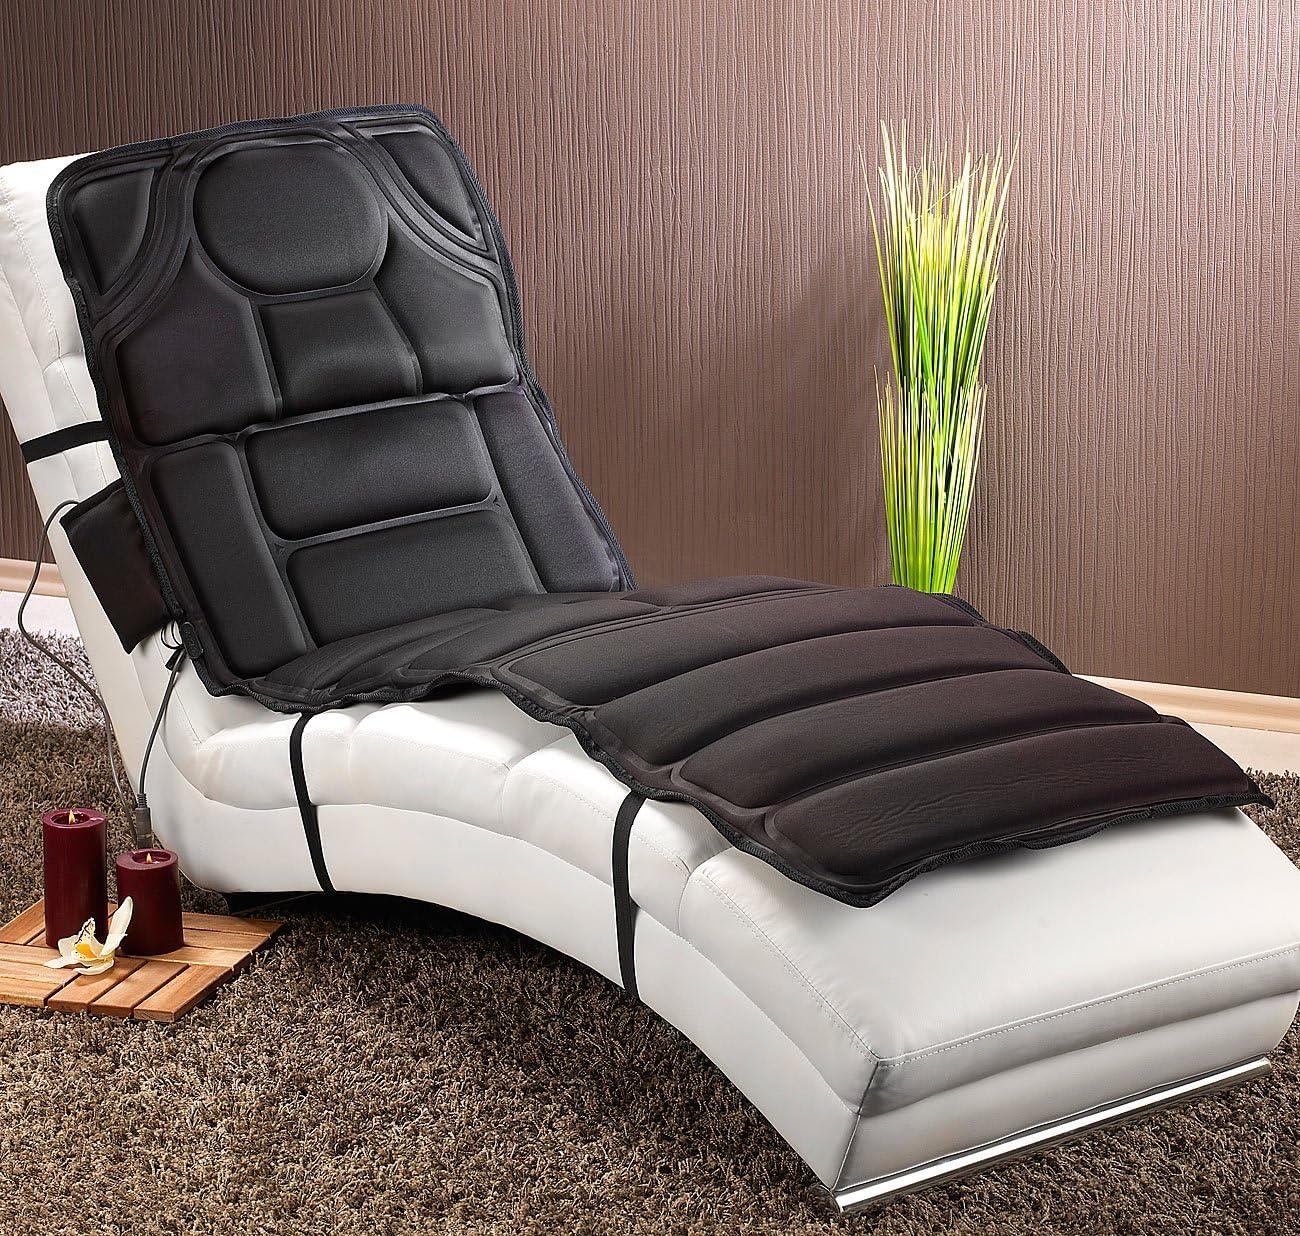 Elektrischen Massageauflage für den ganzen Körper